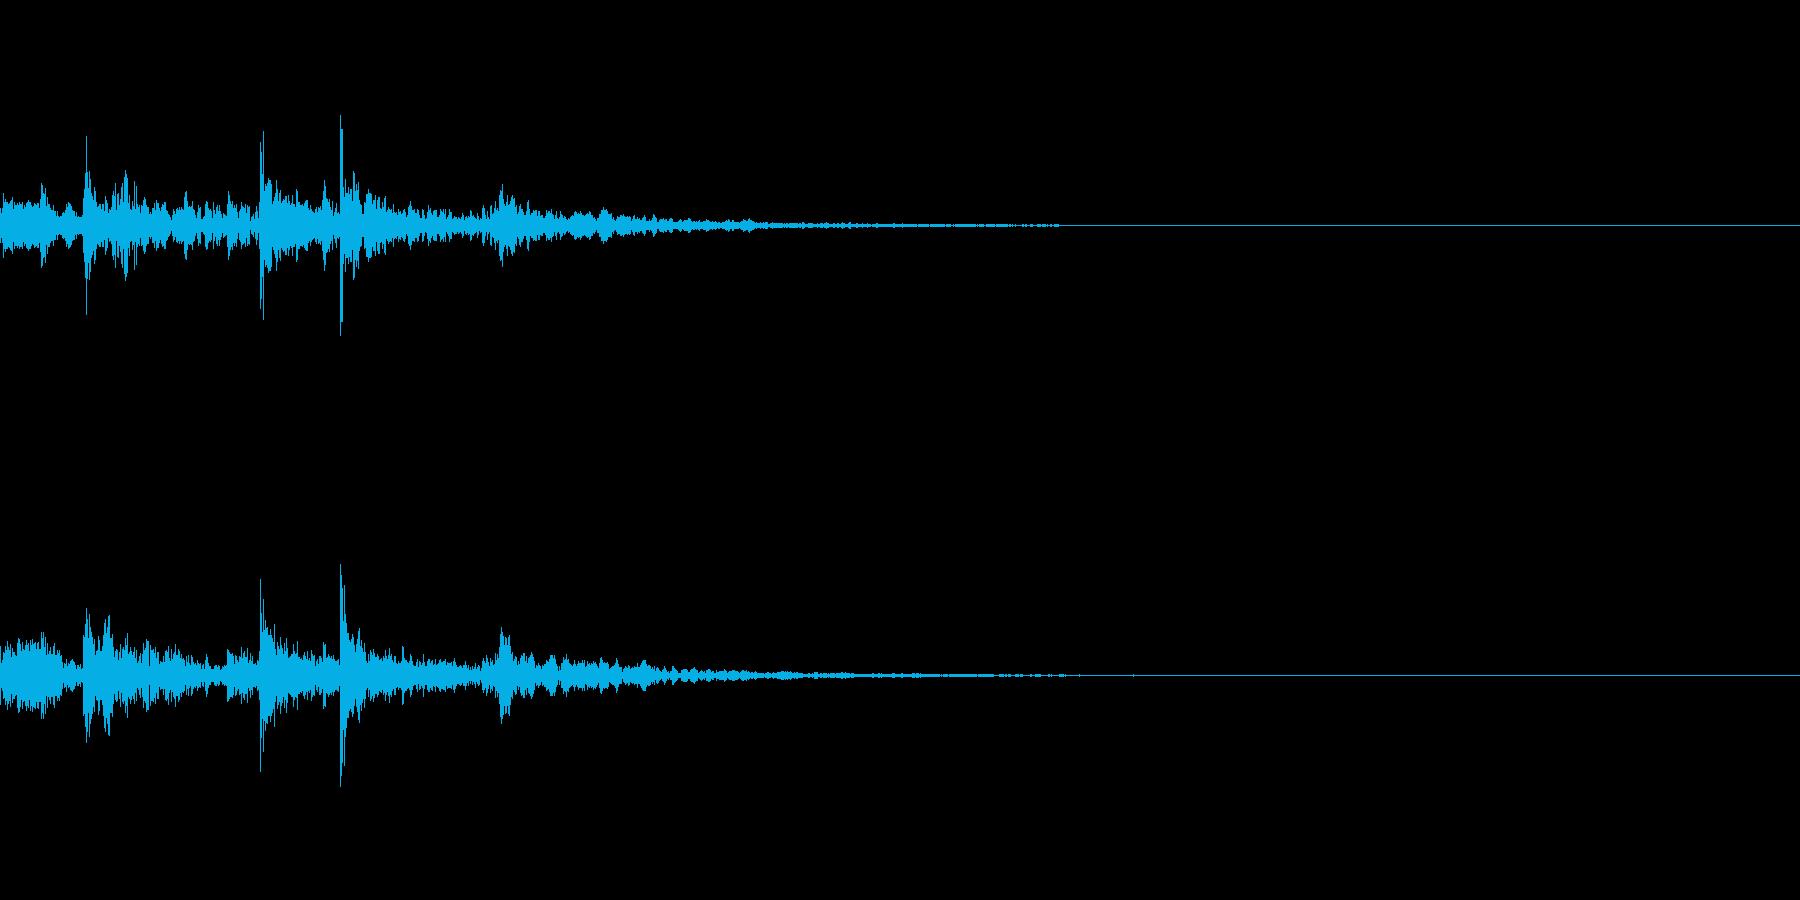 ポチャッ(水滴音の再生済みの波形